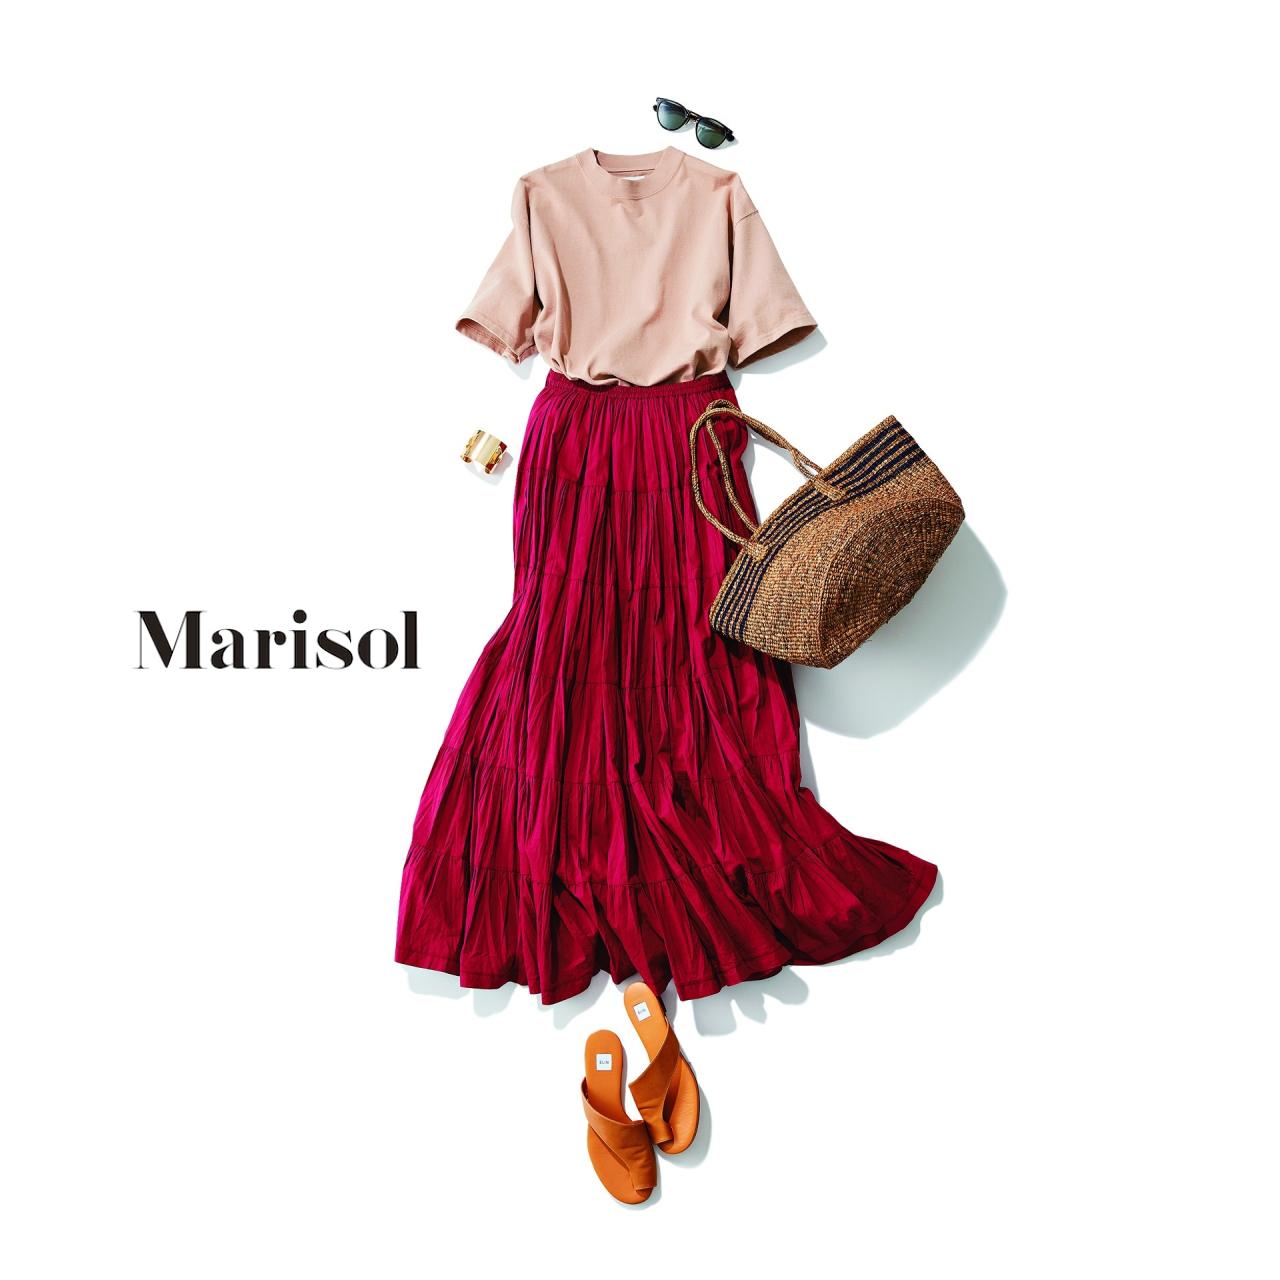 ピンクTシャツ×赤スカートコーデ